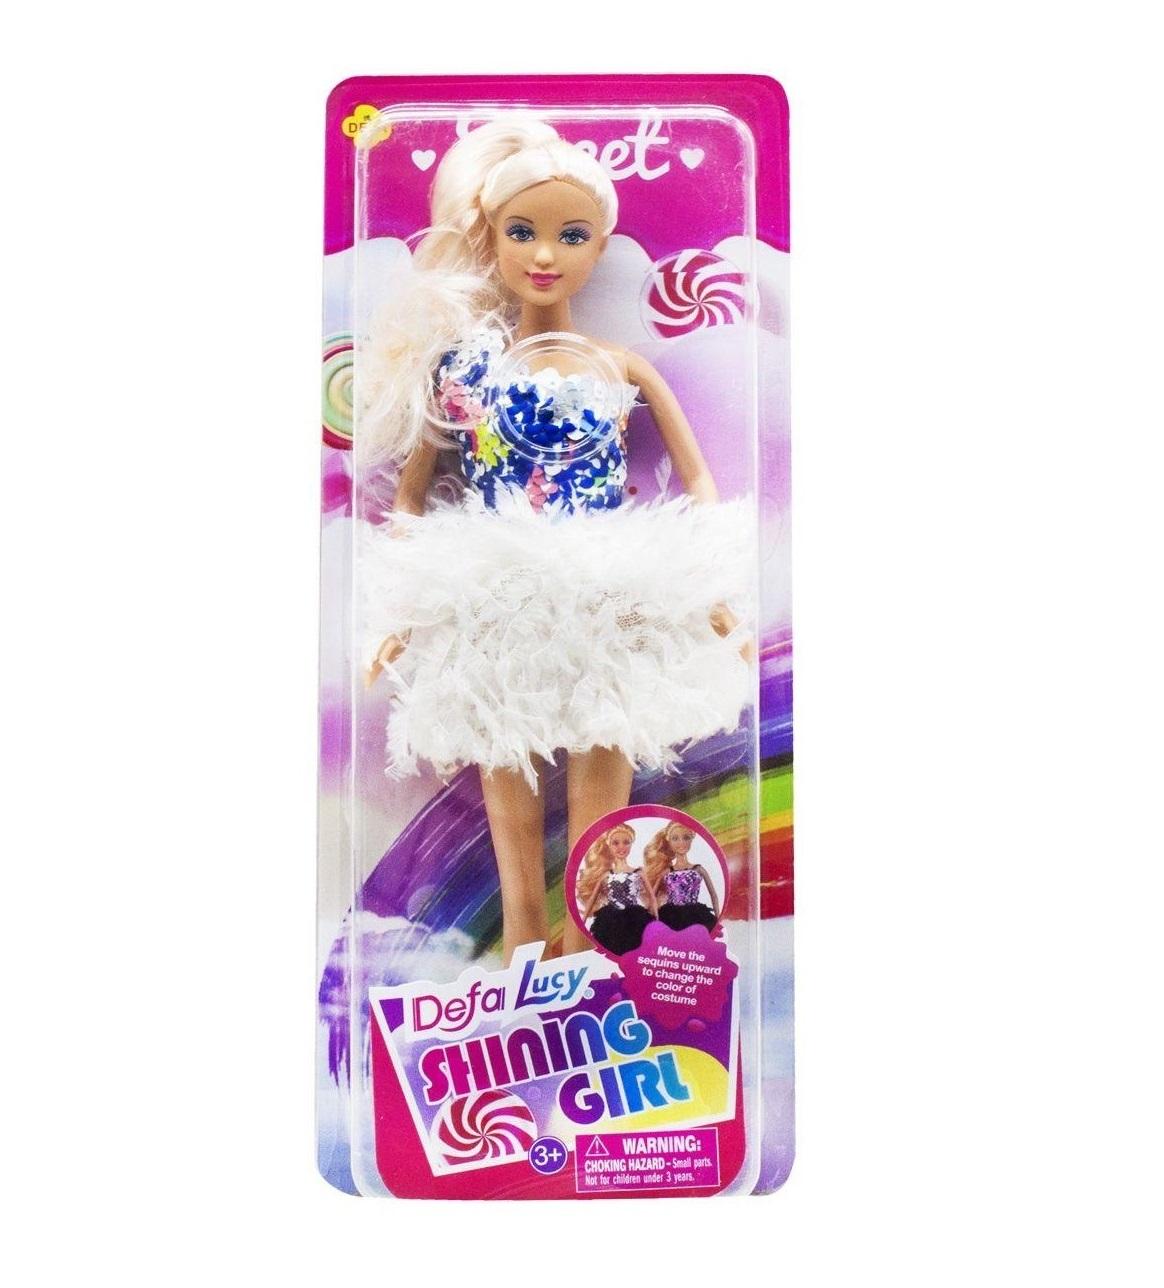 Defa Lucy Barbie Shining Girl Doll 3